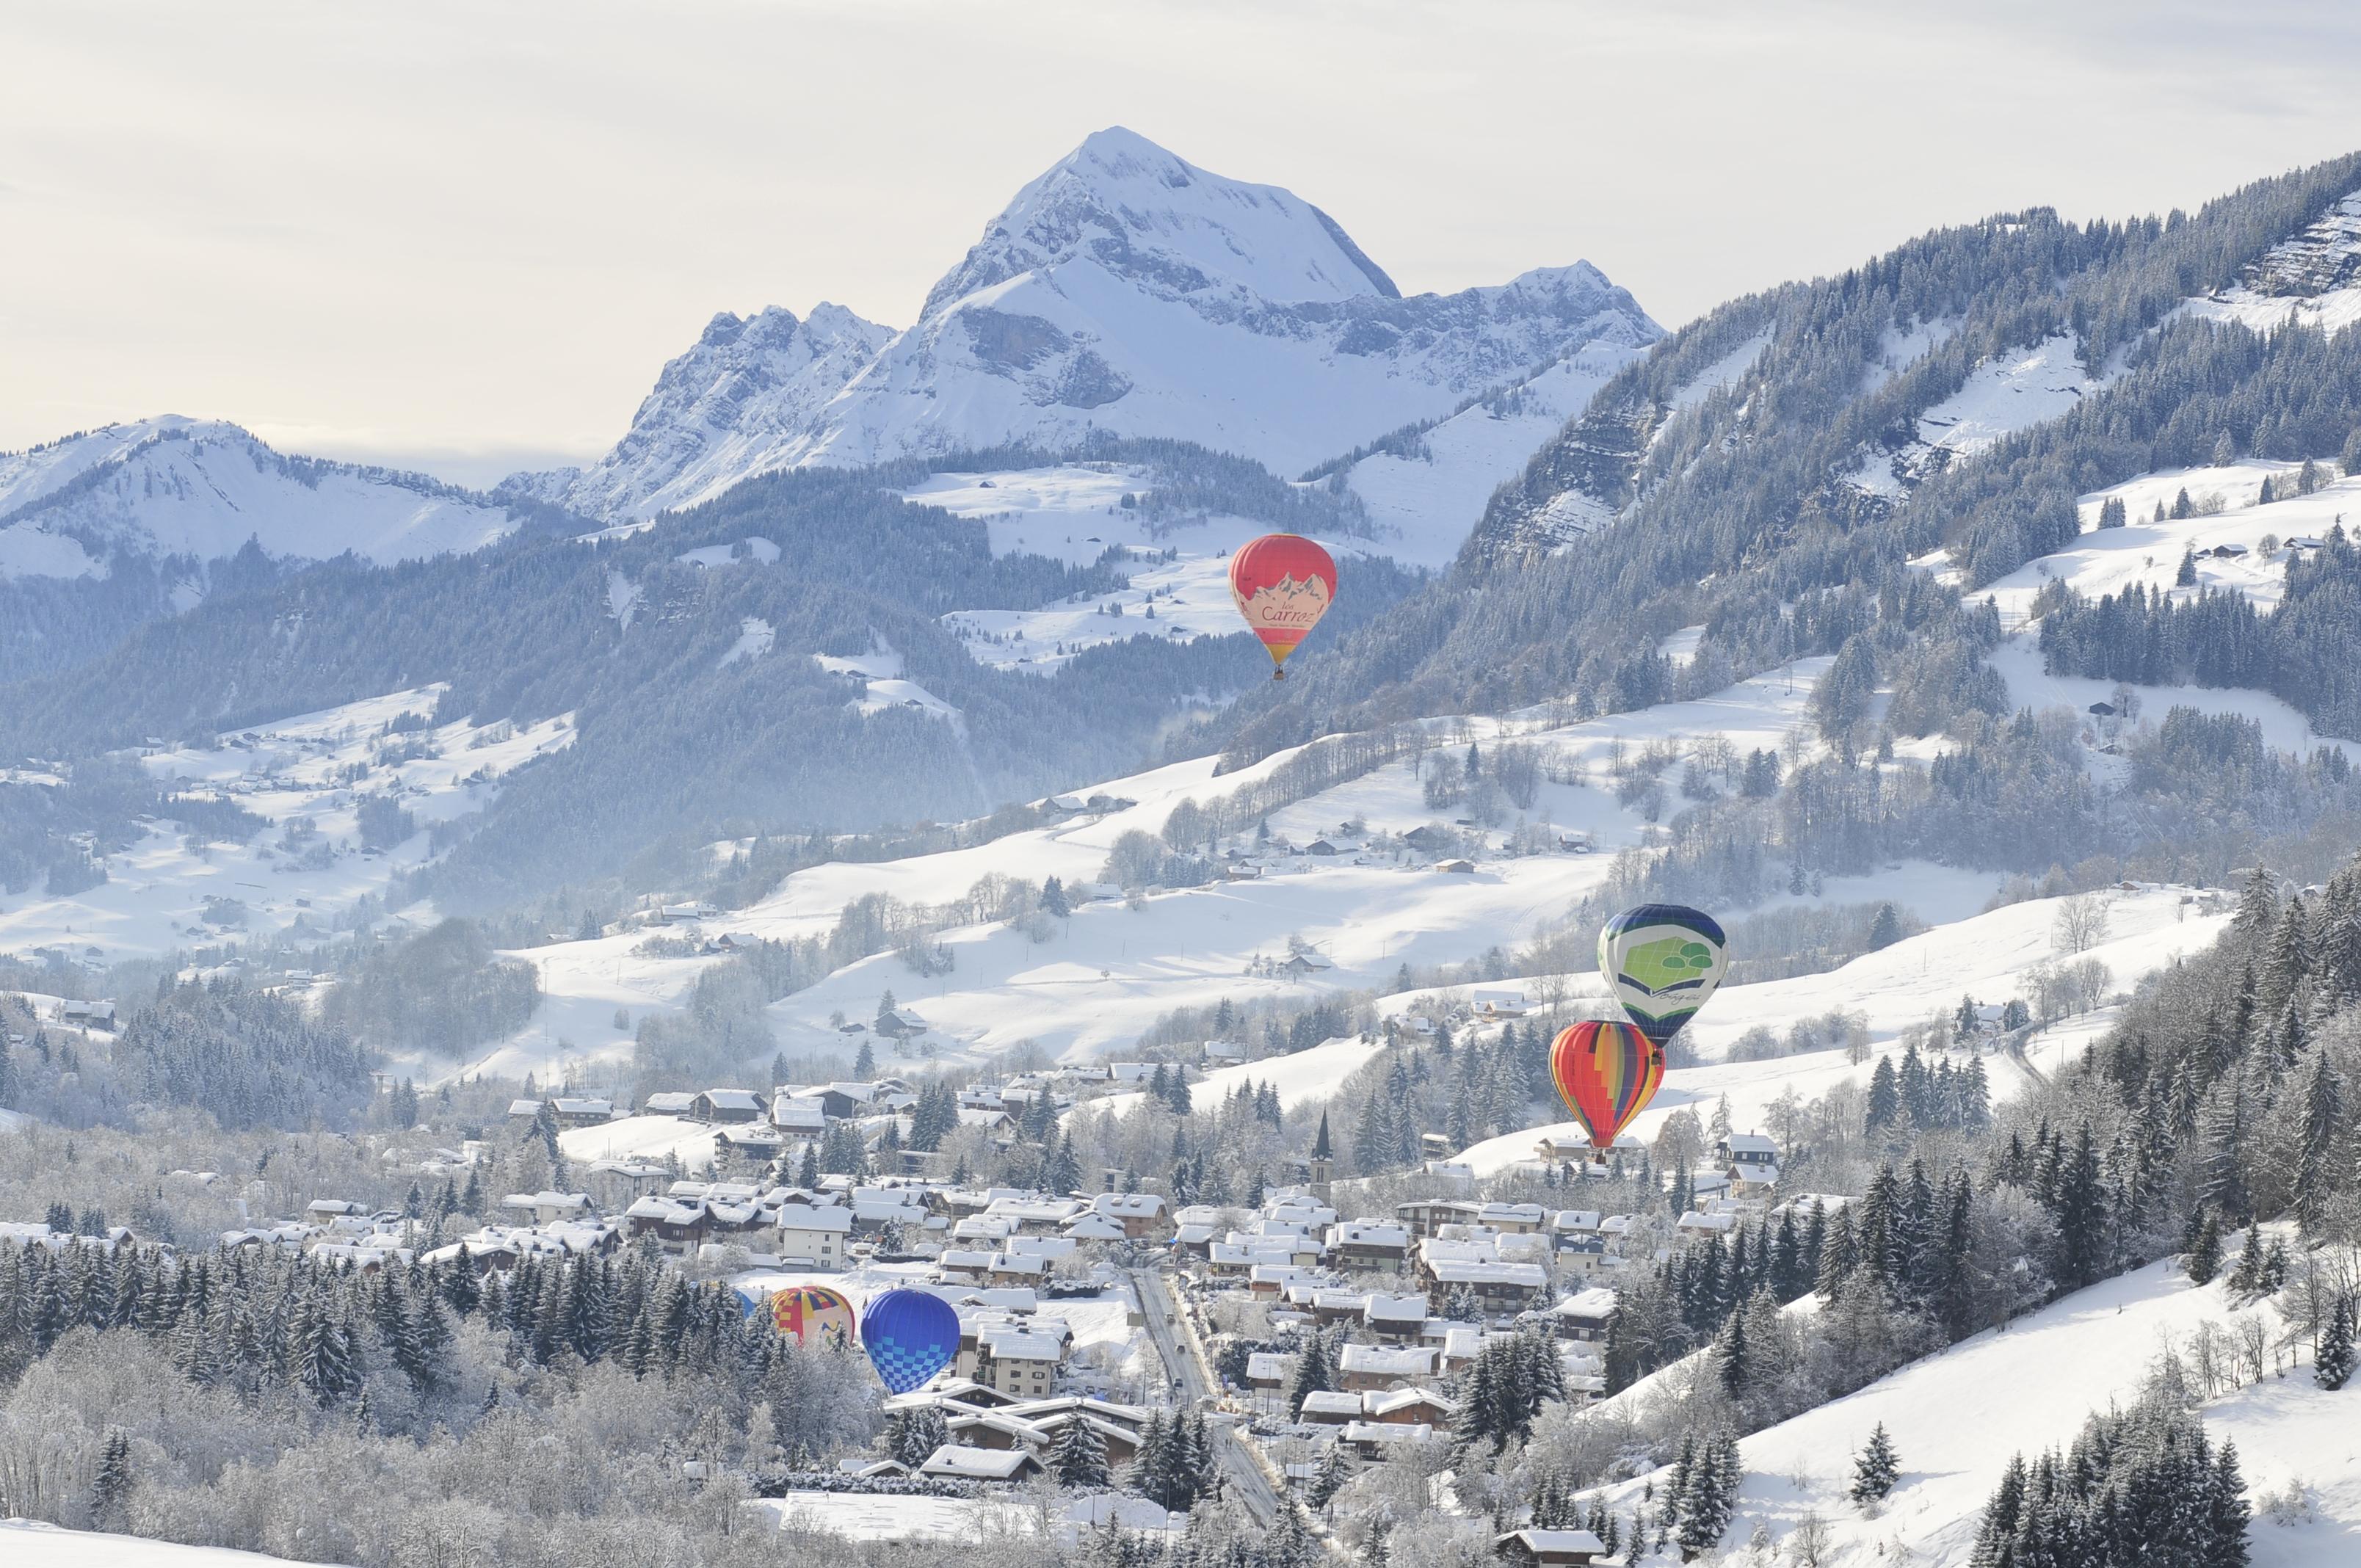 Le village avec des montgolfi res office de tourisme de praz sur arly - Office de tourisme praz sur arly ...